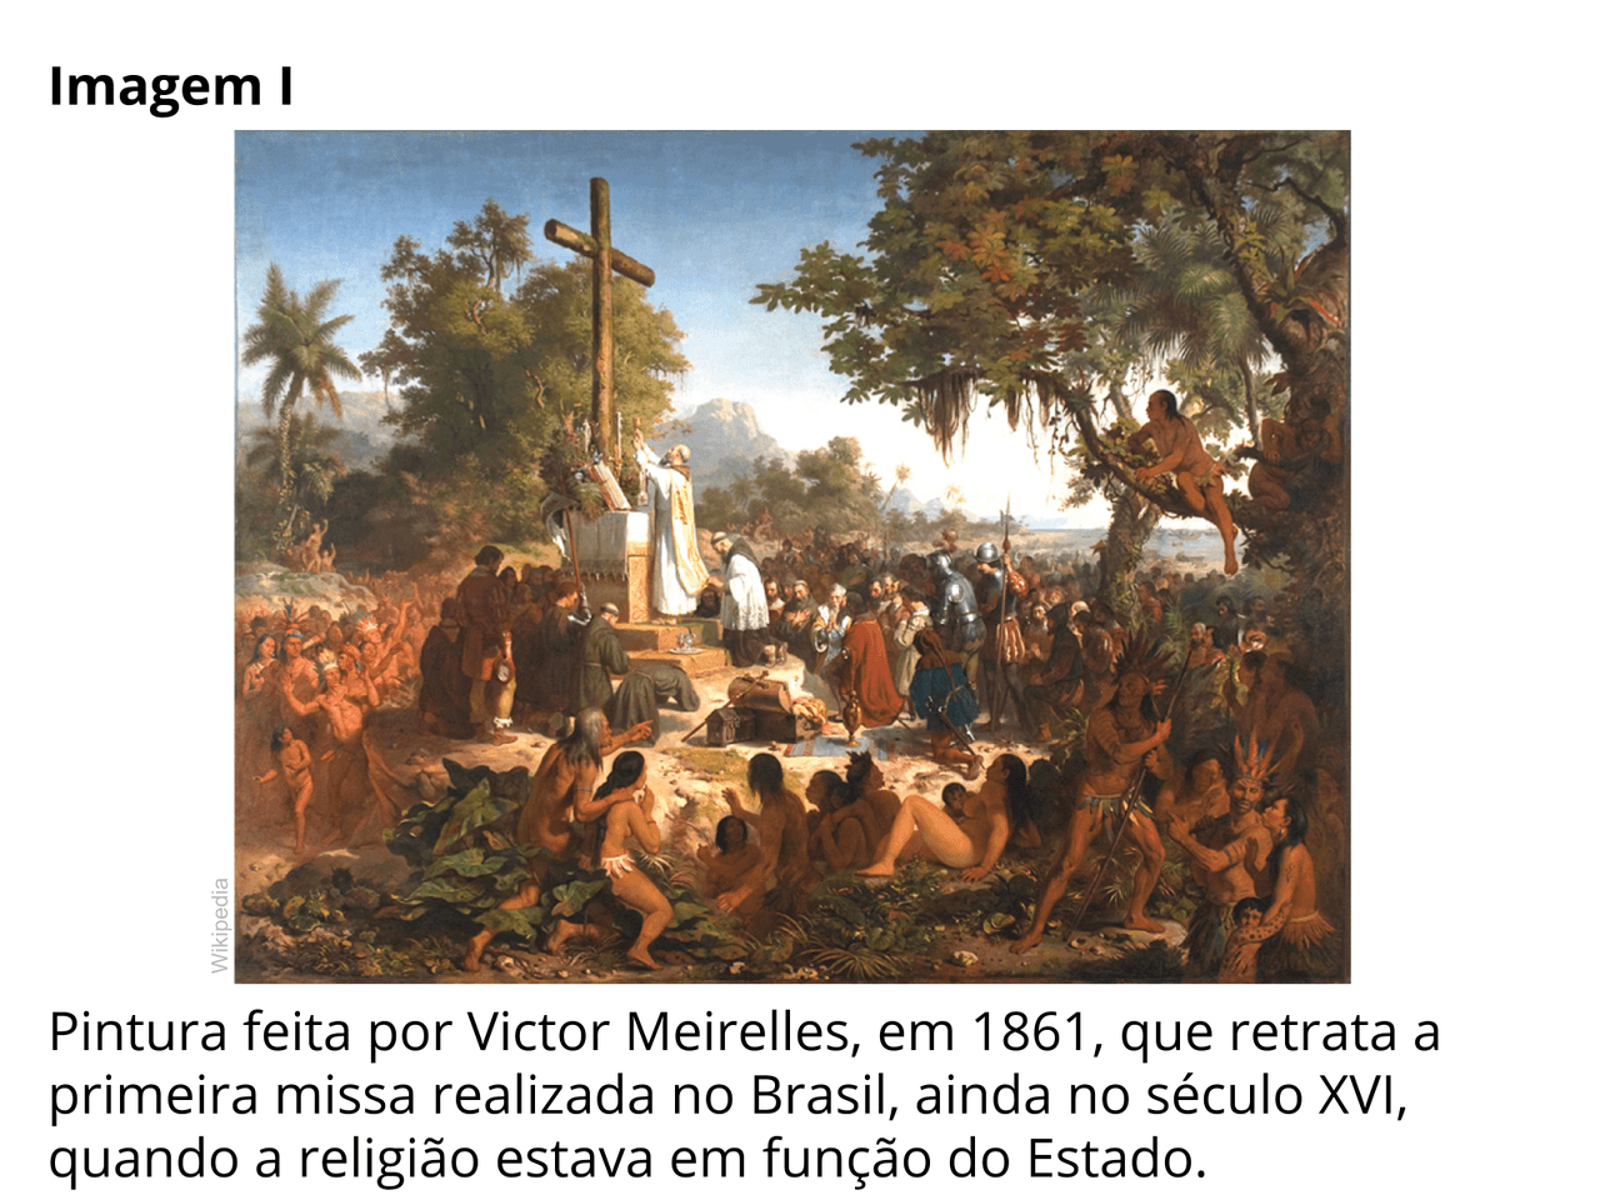 A Igreja Católica no processo de colonização da América portuguesa